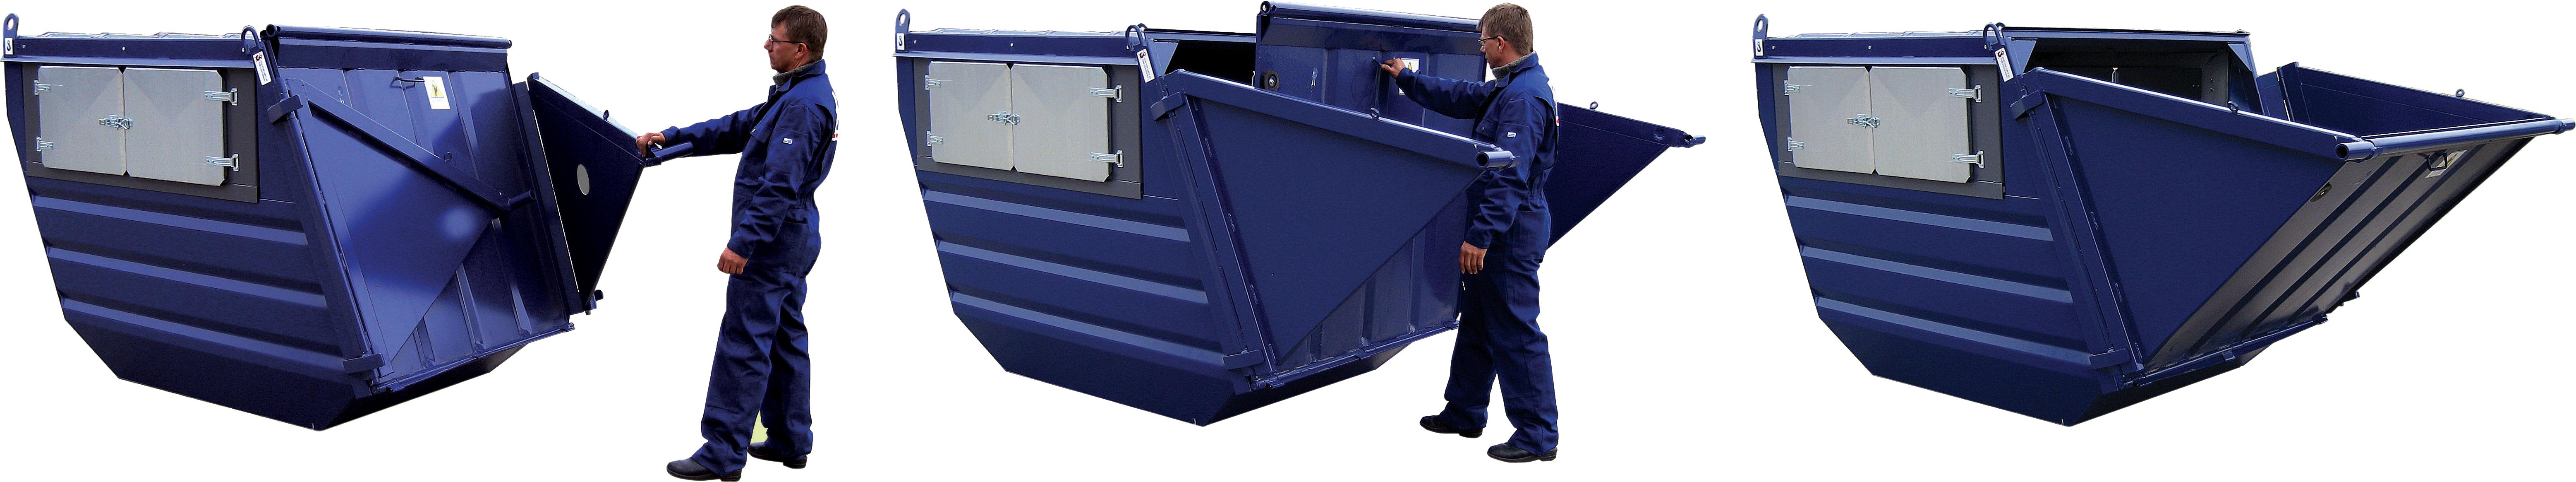 Bildet viser hvordan man åpner tømmeluke